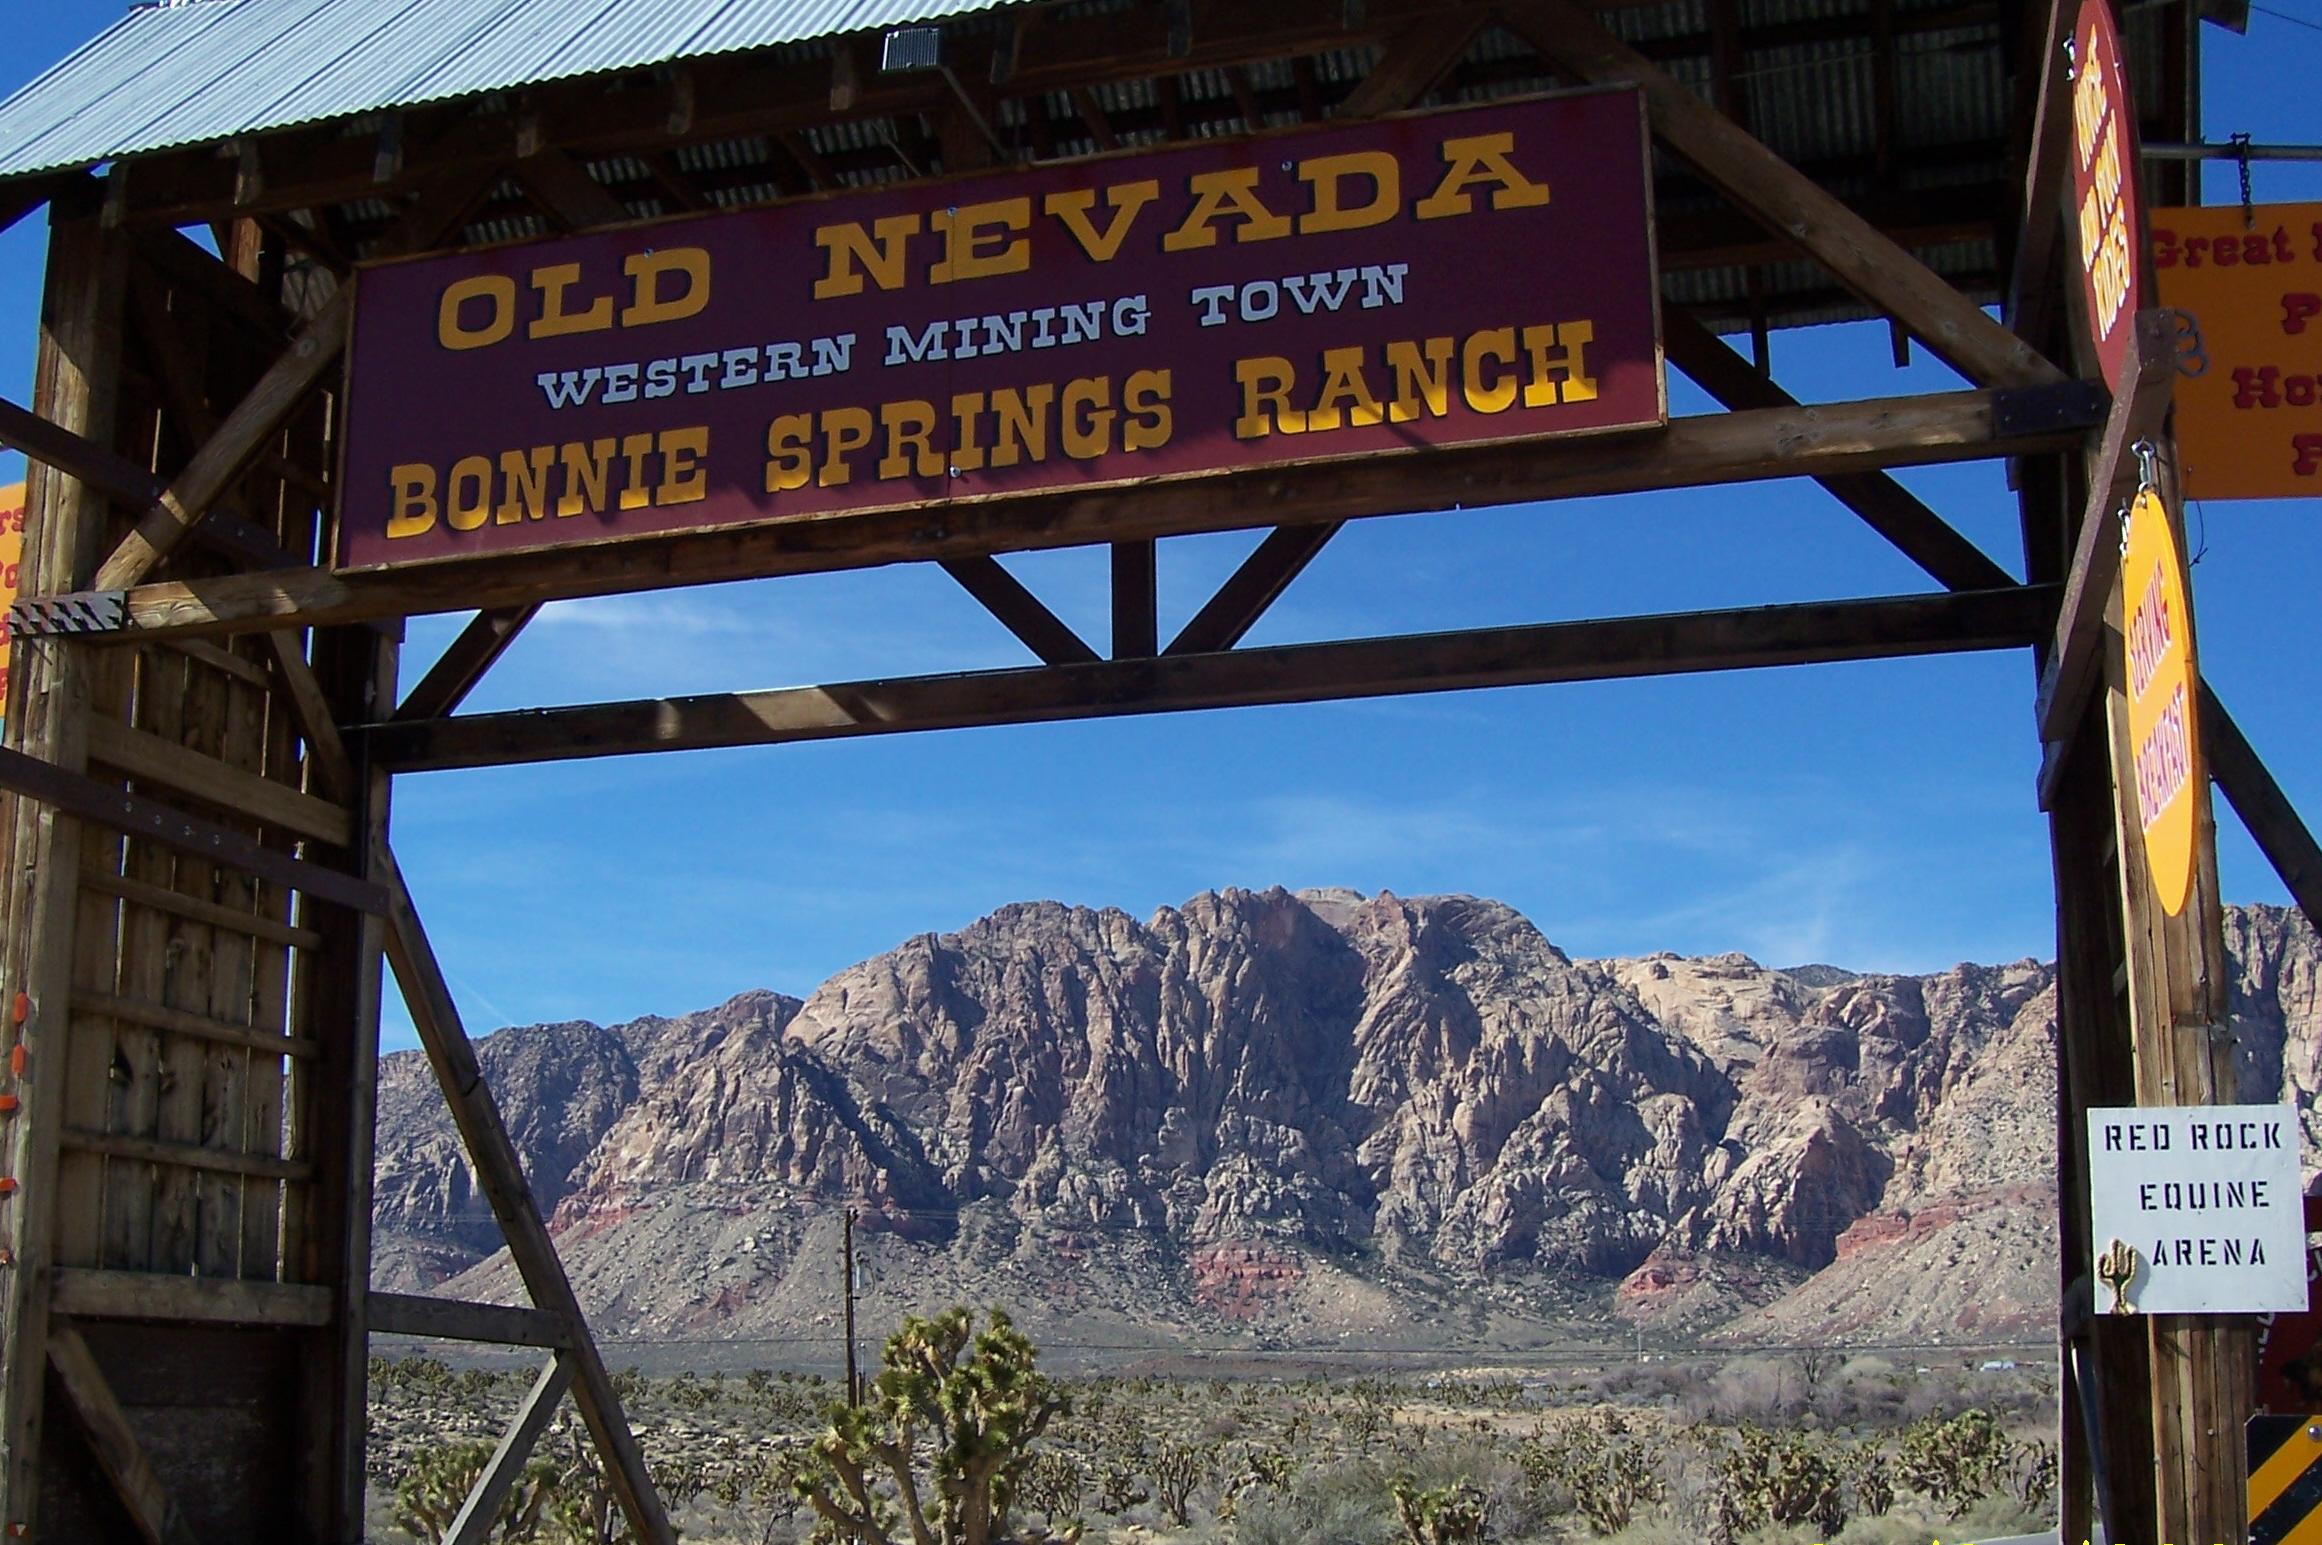 The Bonnie Springs Ranch